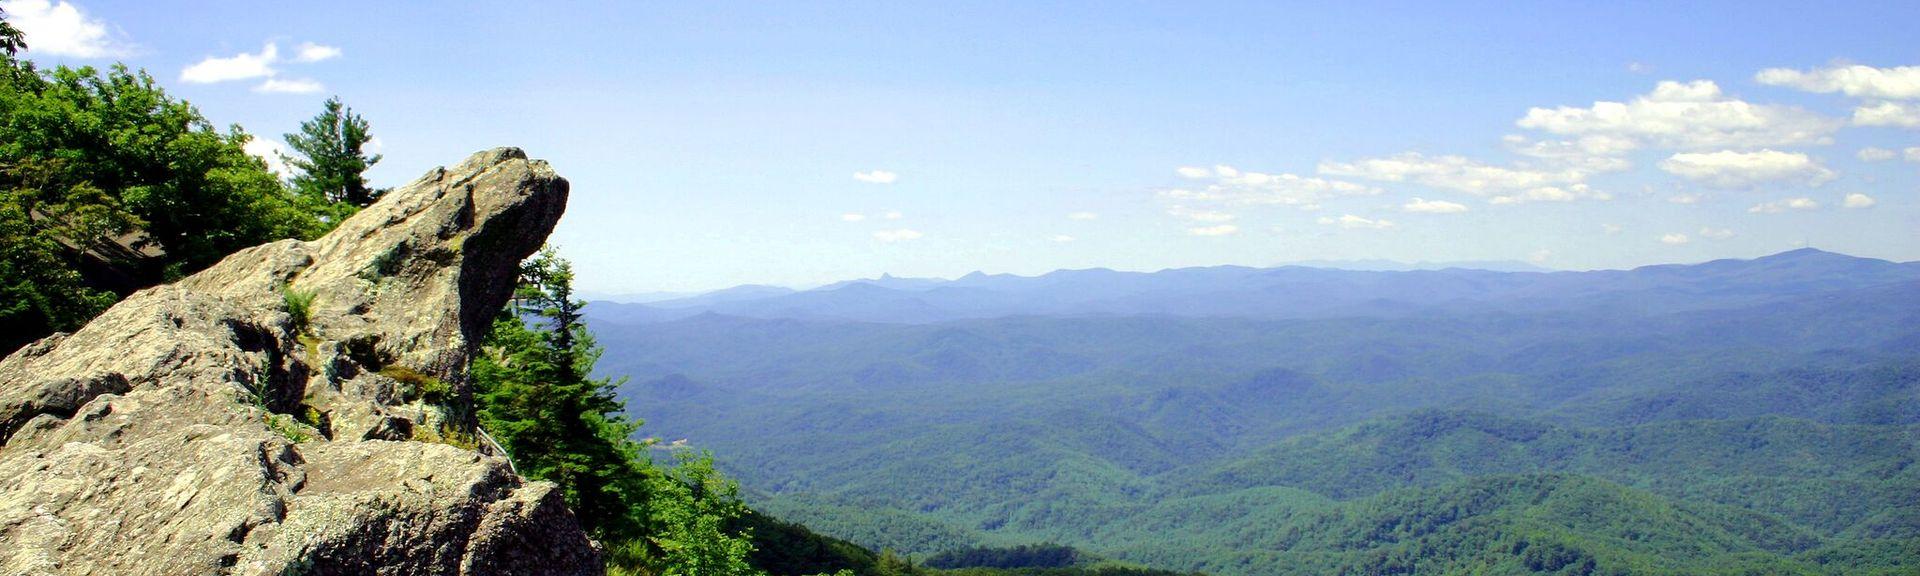 mountain-banner-17